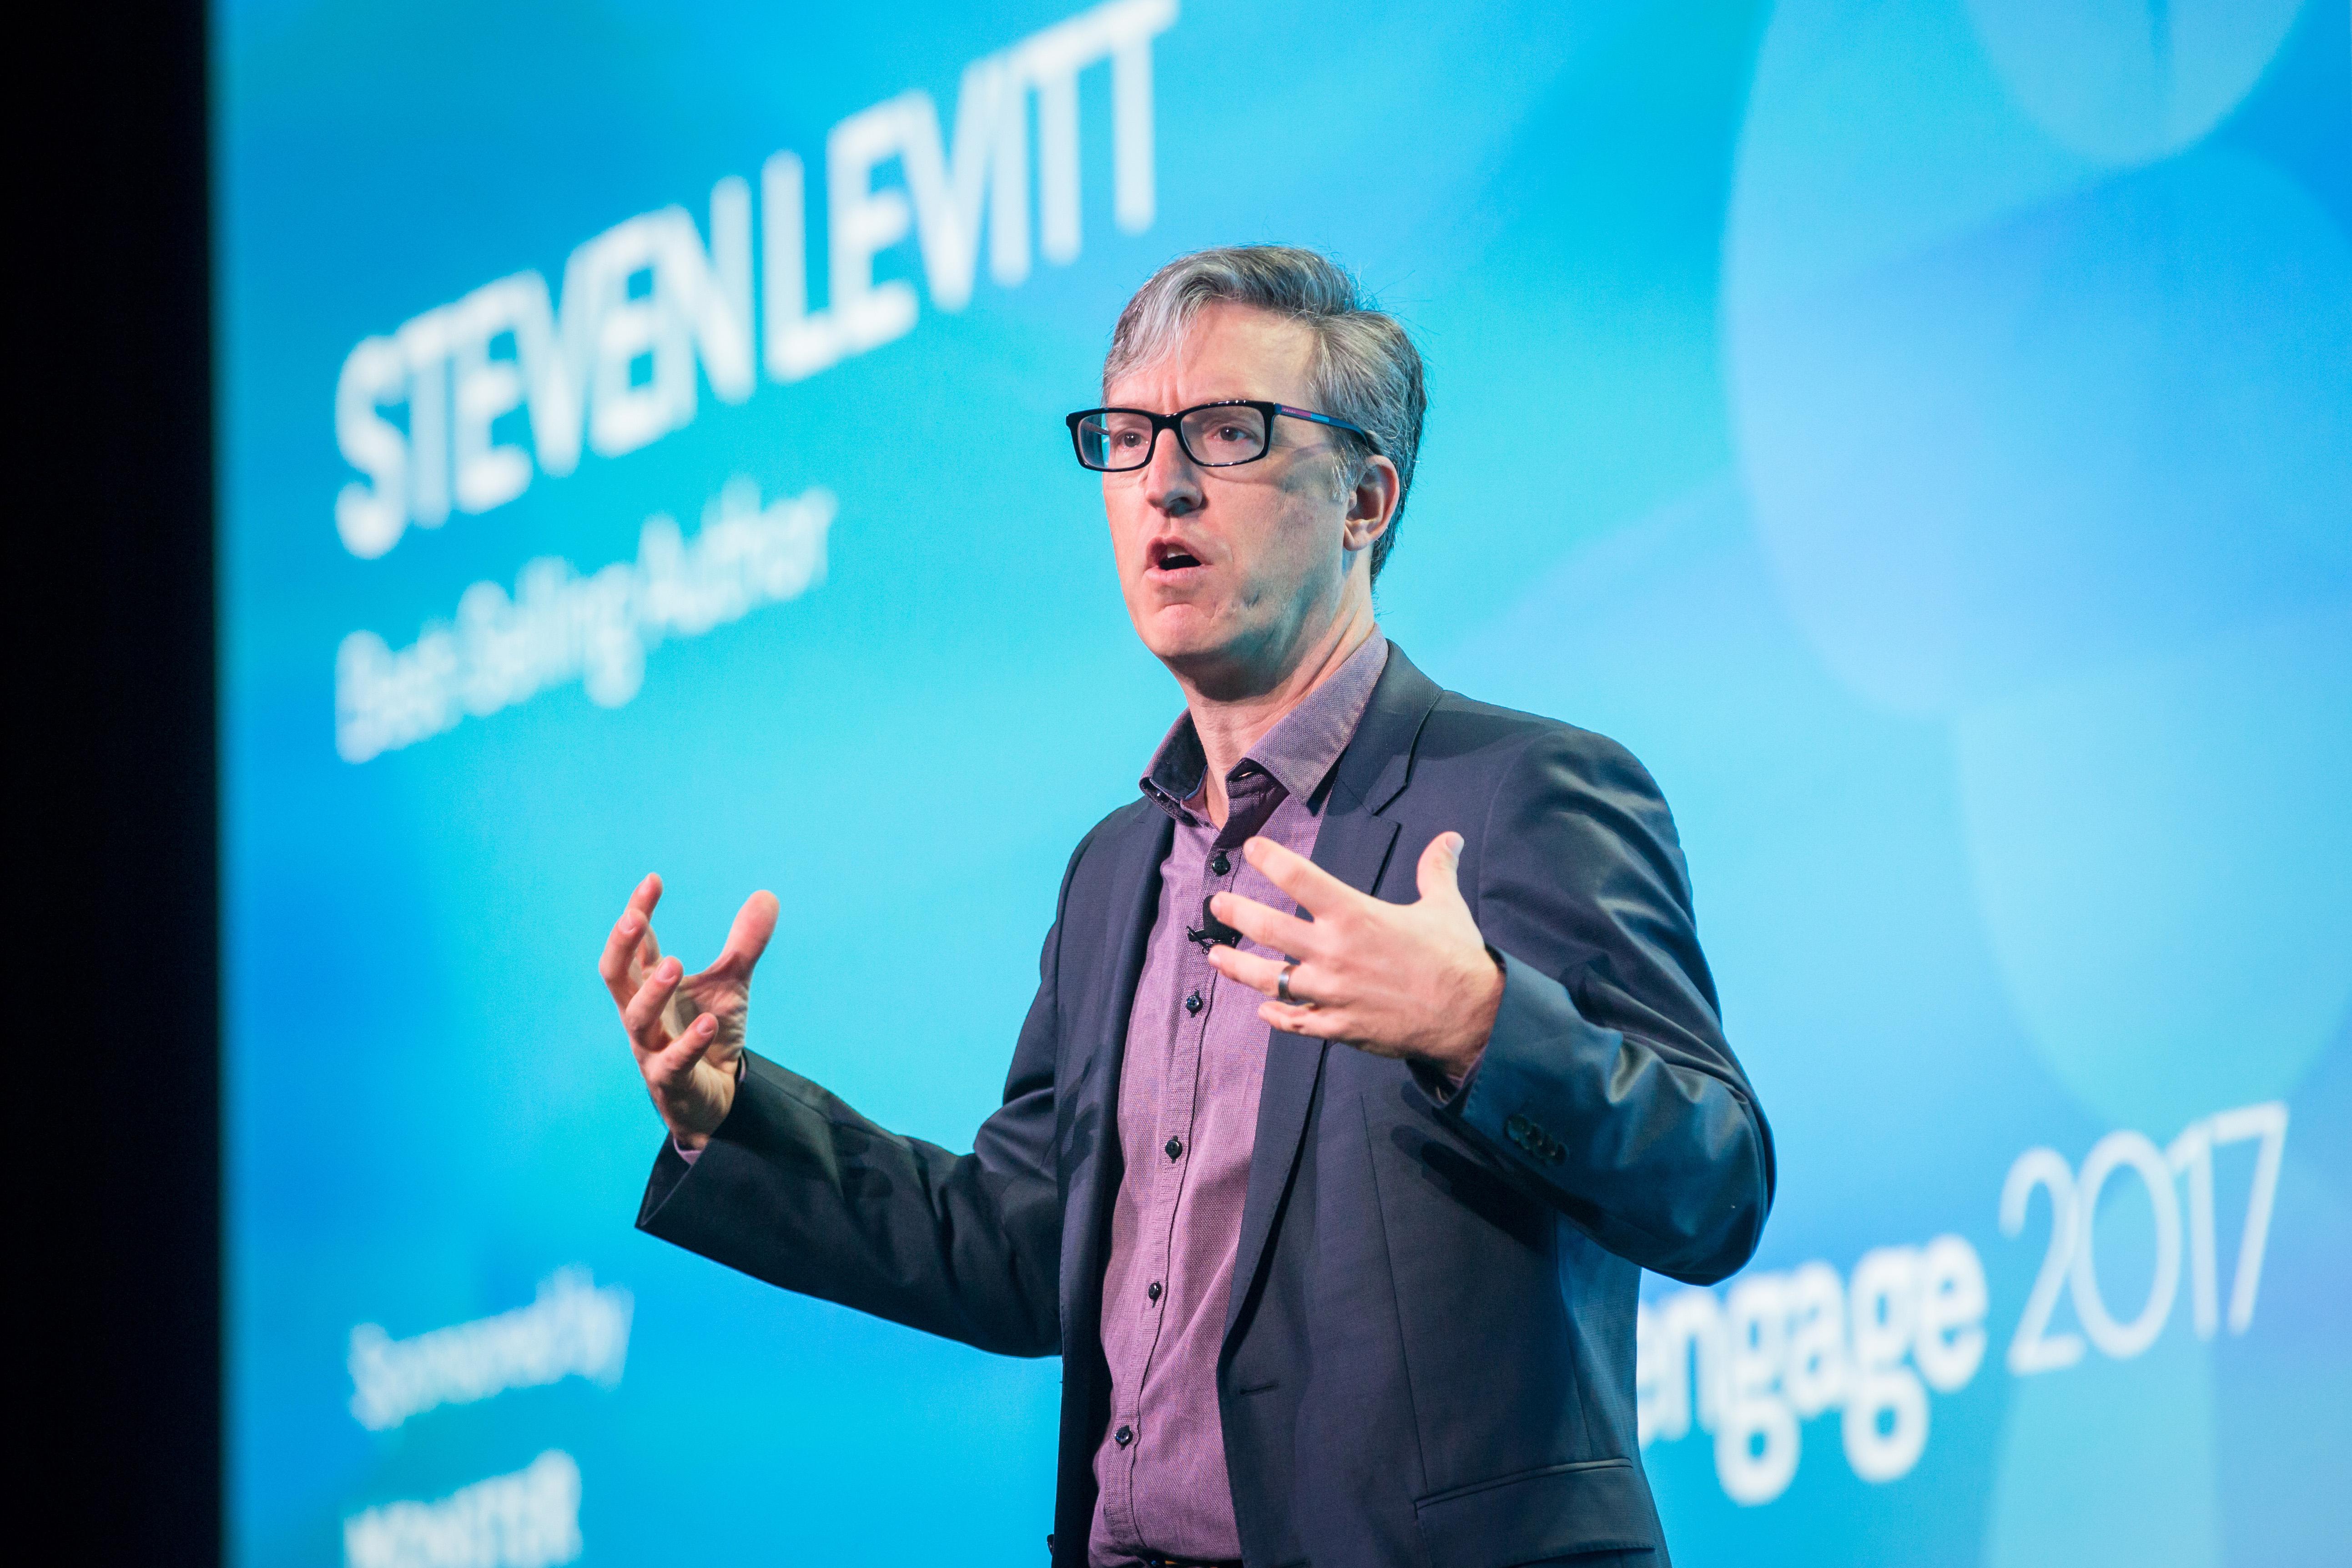 Steven Levitt Bullhorn Engage